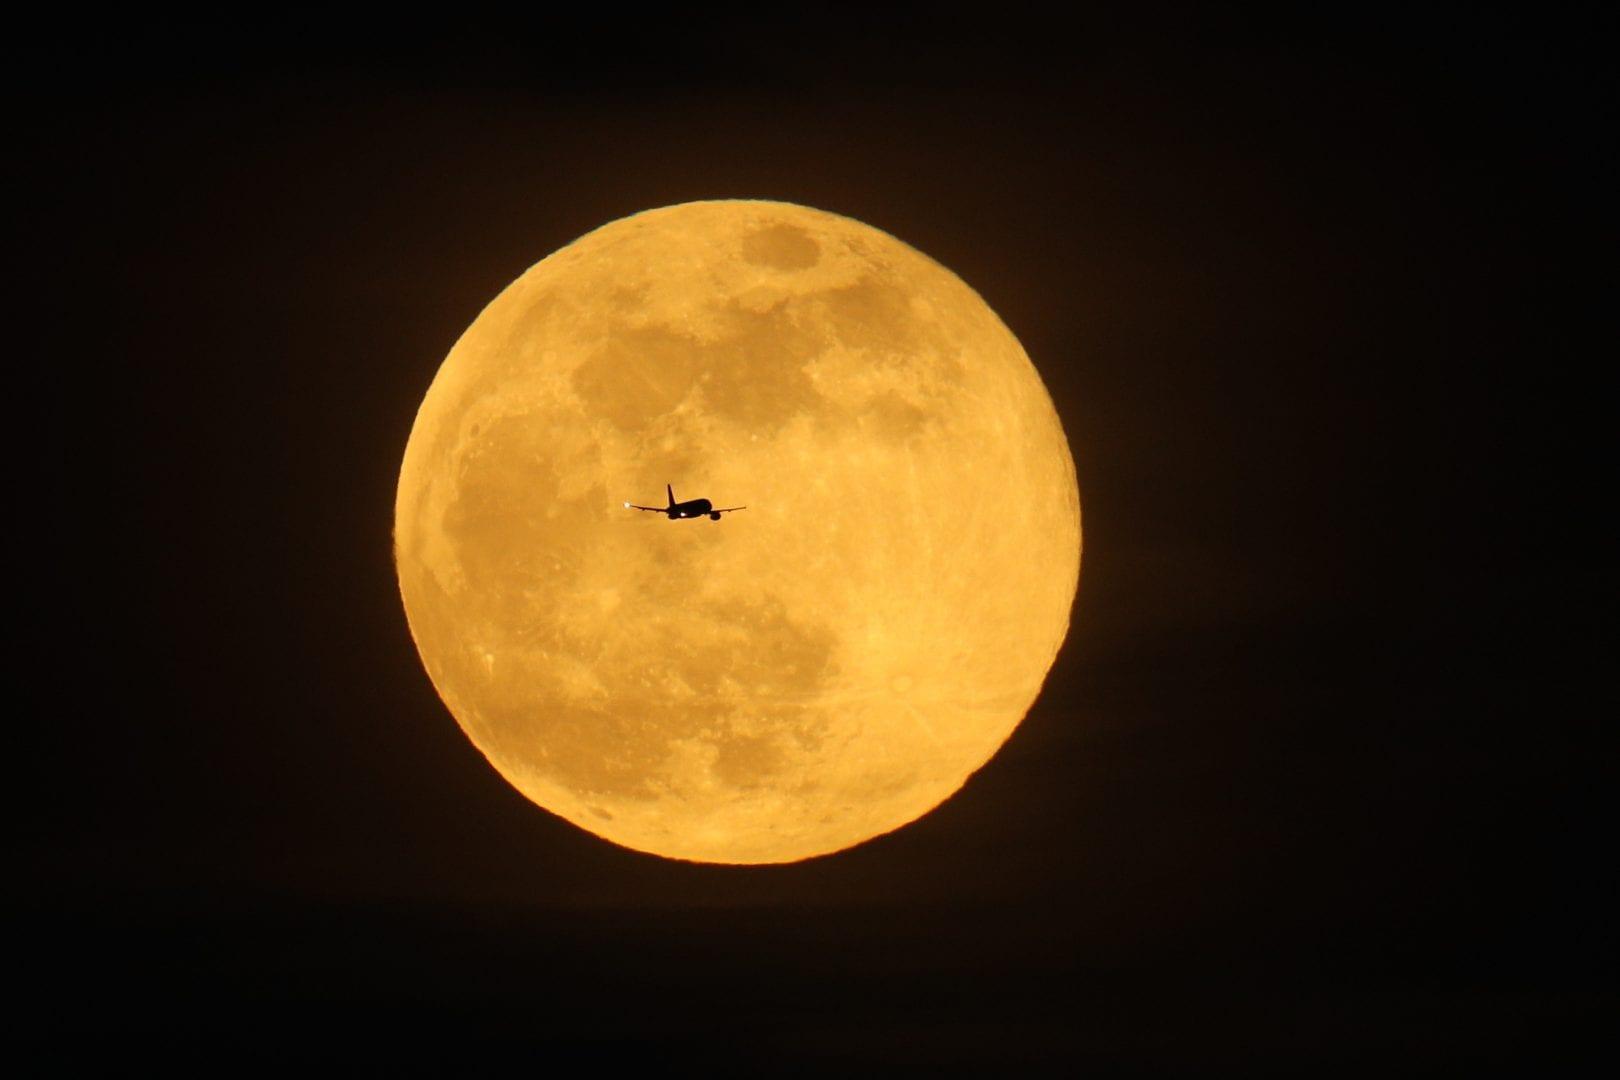 Lua - conheça o satélite natural da terra que aguça curiosidade de muitos